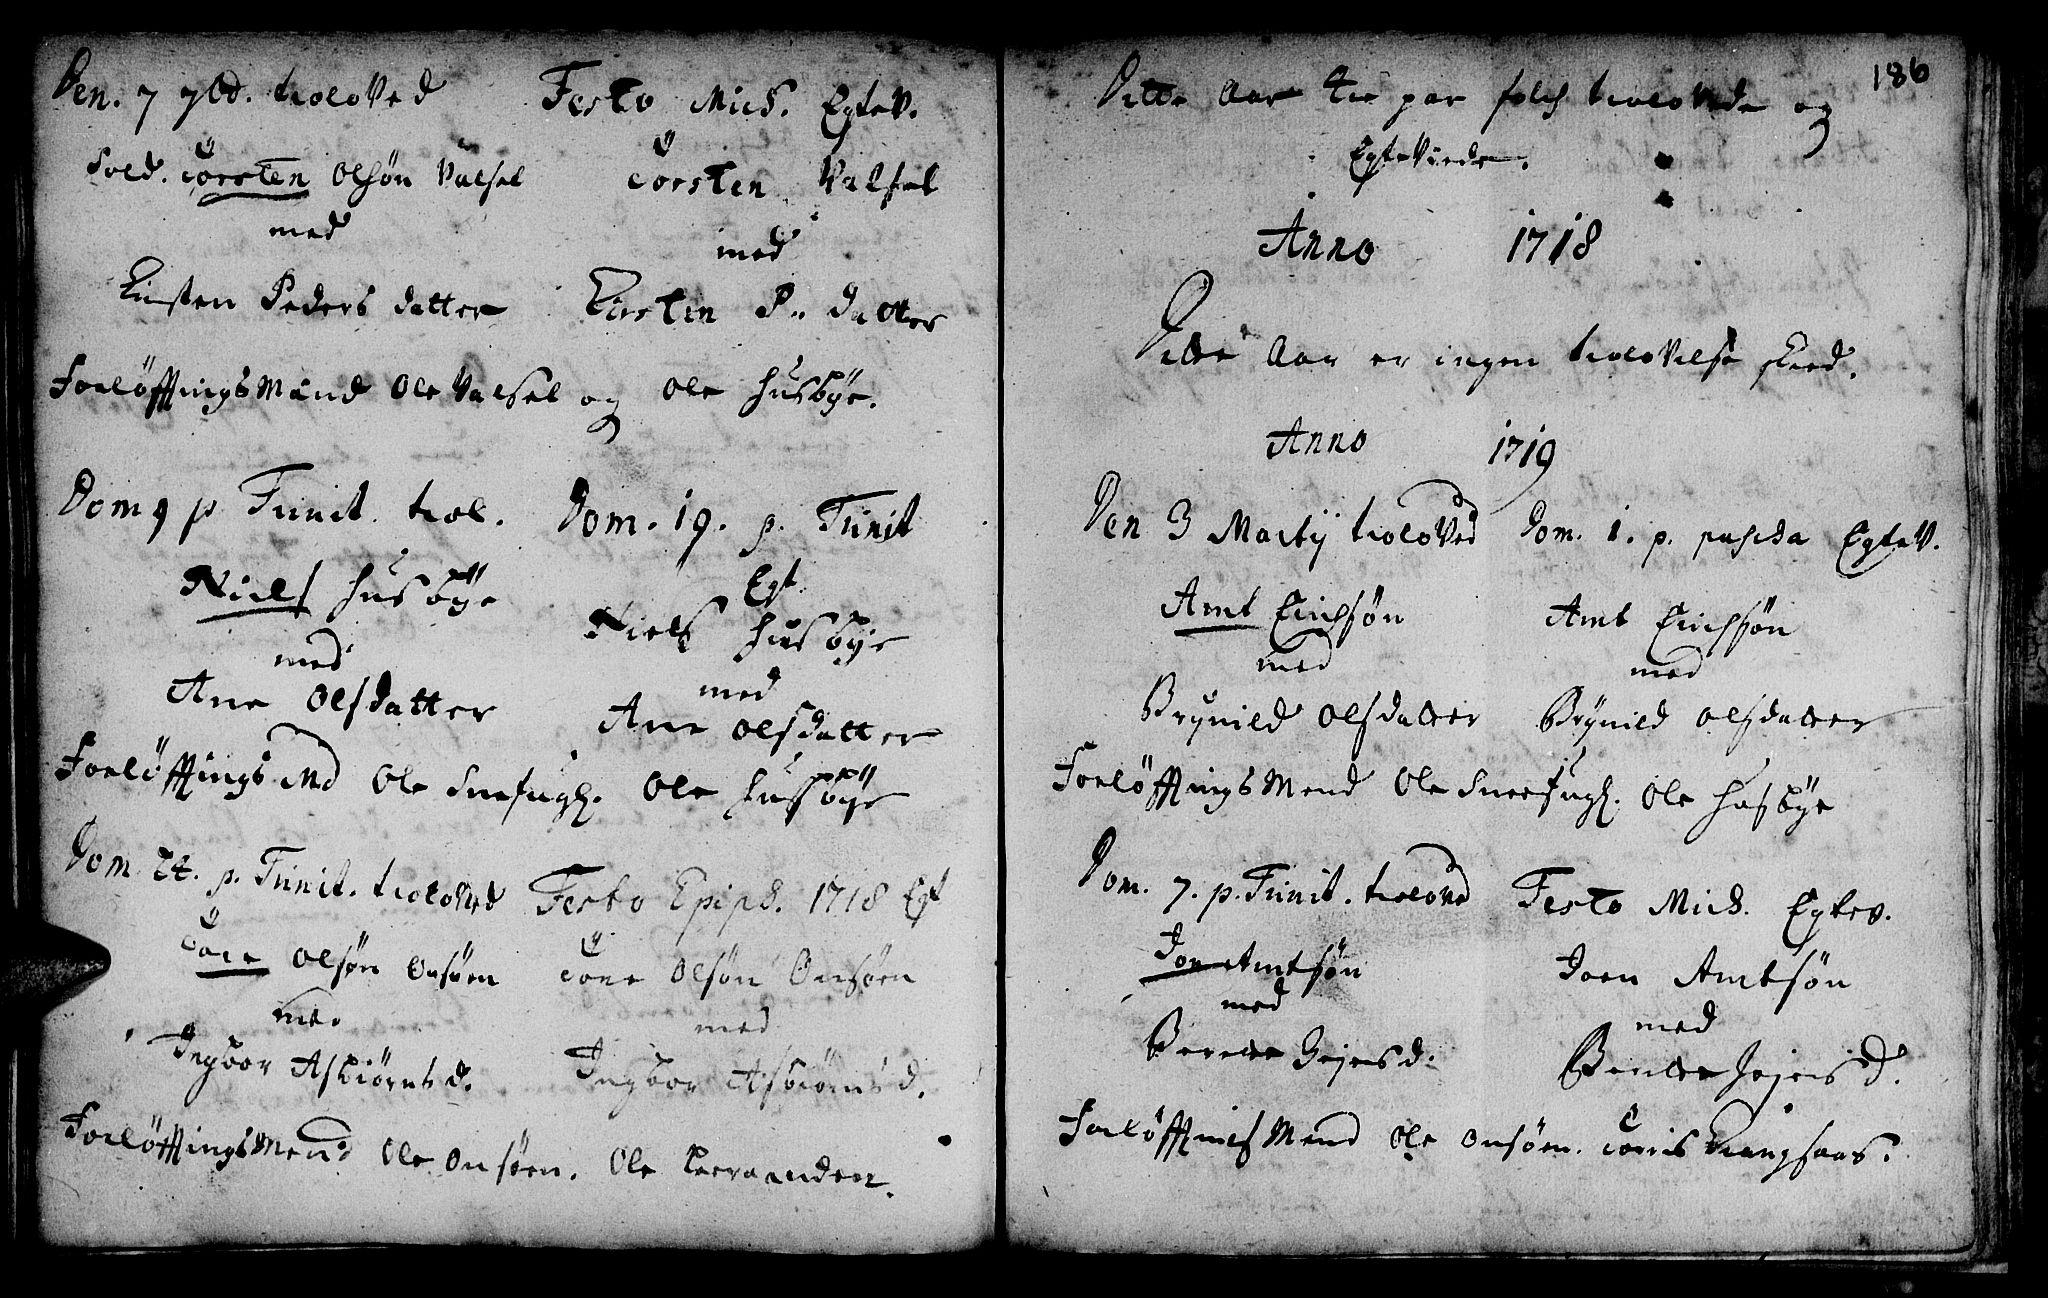 SAT, Ministerialprotokoller, klokkerbøker og fødselsregistre - Sør-Trøndelag, 666/L0783: Ministerialbok nr. 666A01, 1702-1753, s. 186